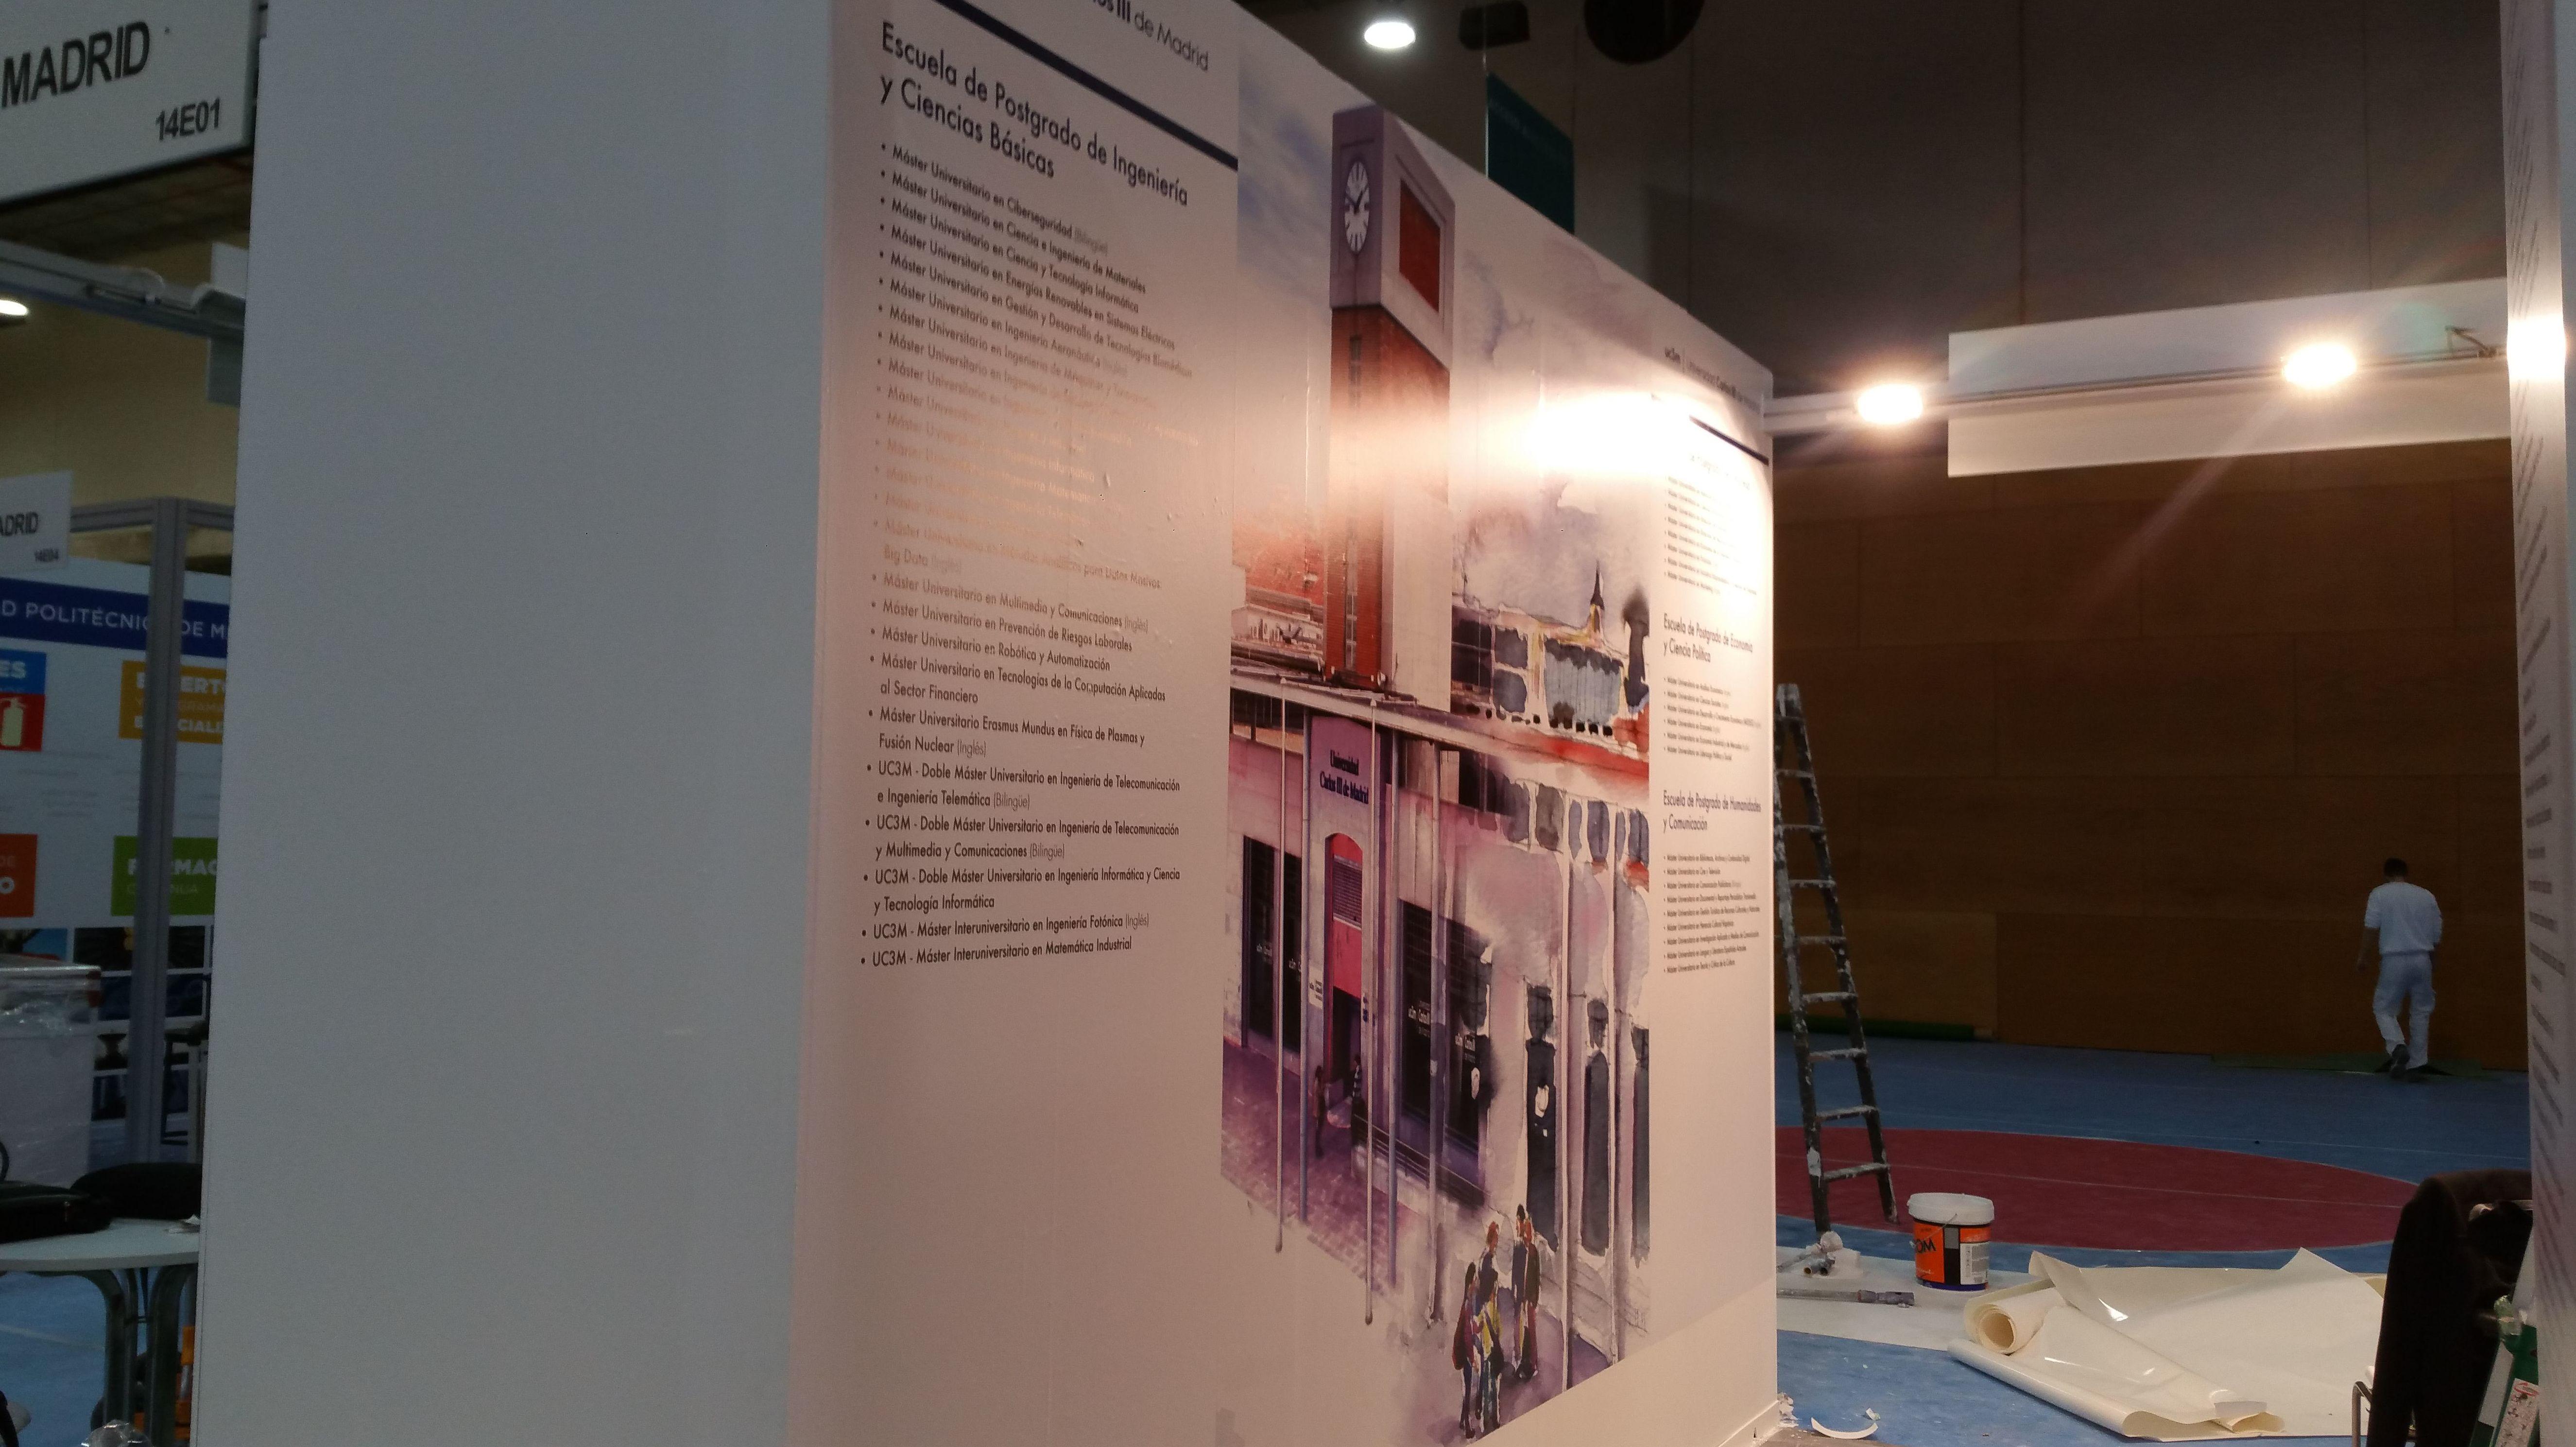 Foto 75 de Trabajos de diseño e impresión de gran calidad en Madrid   Megaprinter